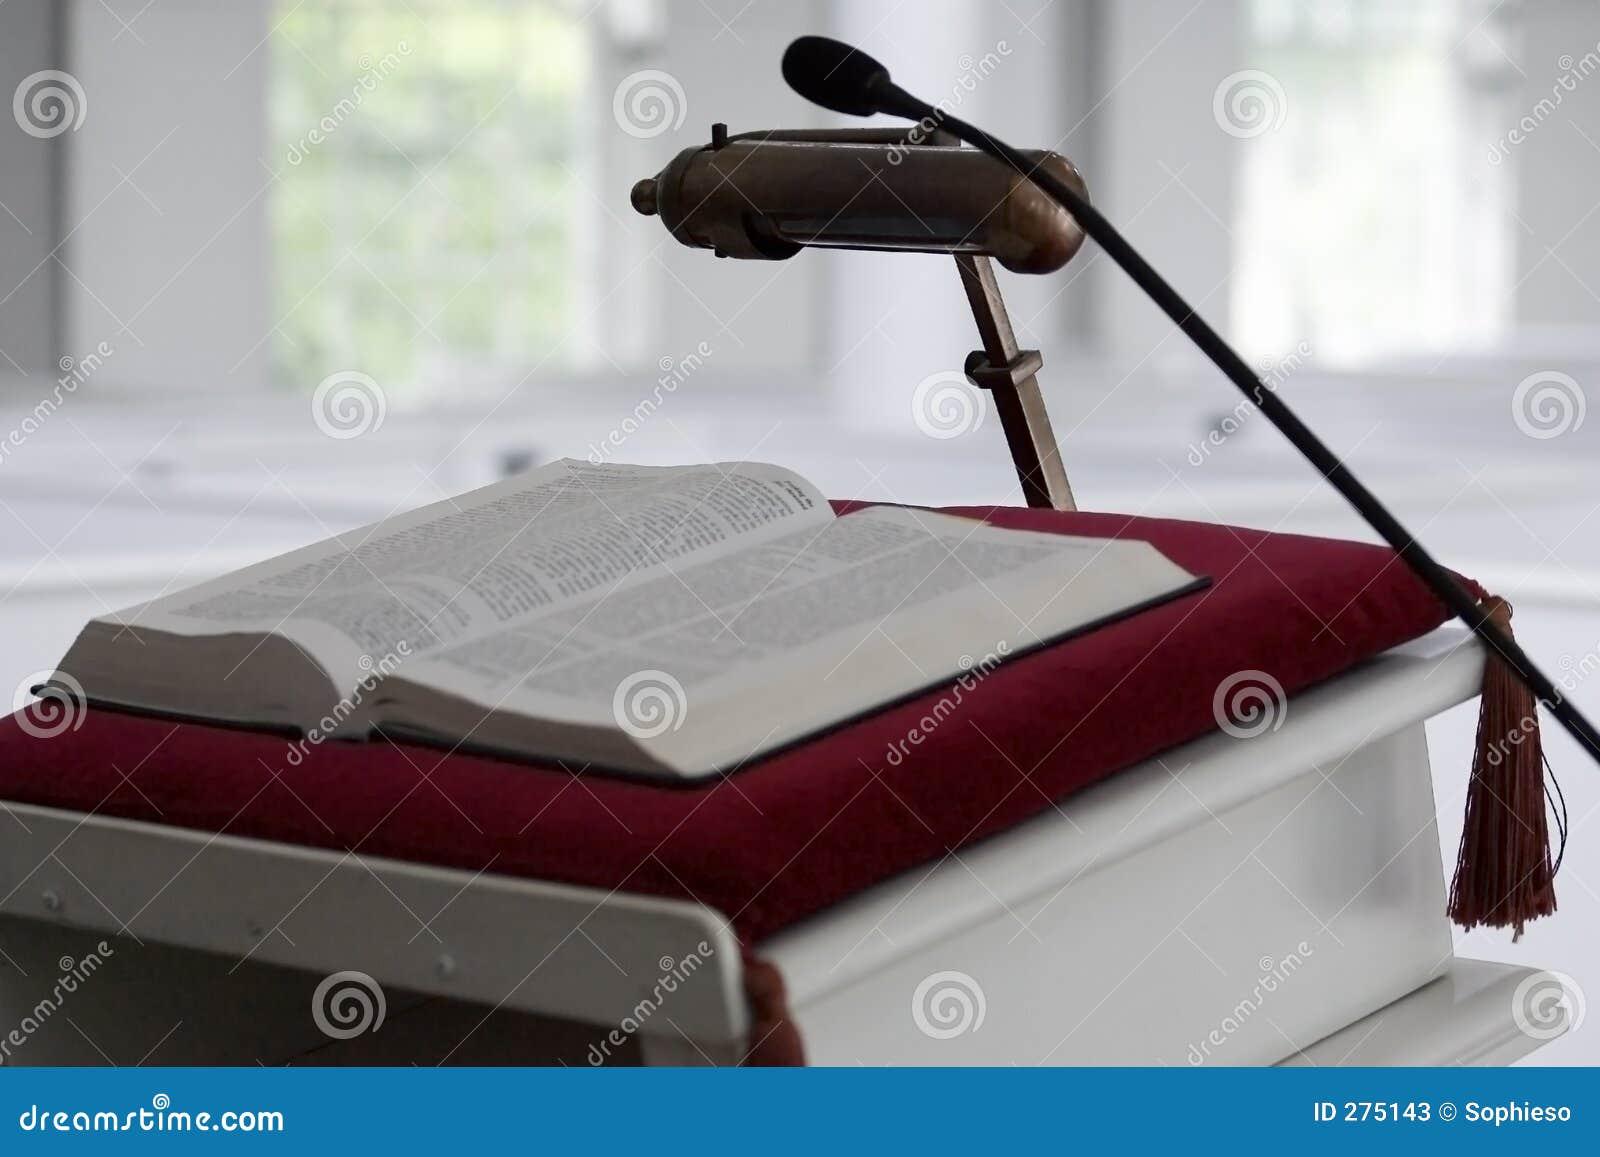 圣经教会讲坛